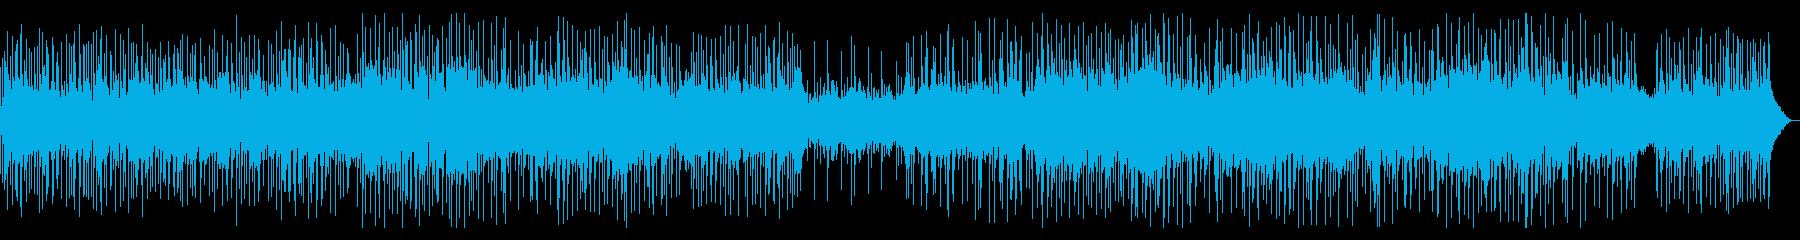 前向きな別れ、女性ボーカルのポップスの再生済みの波形